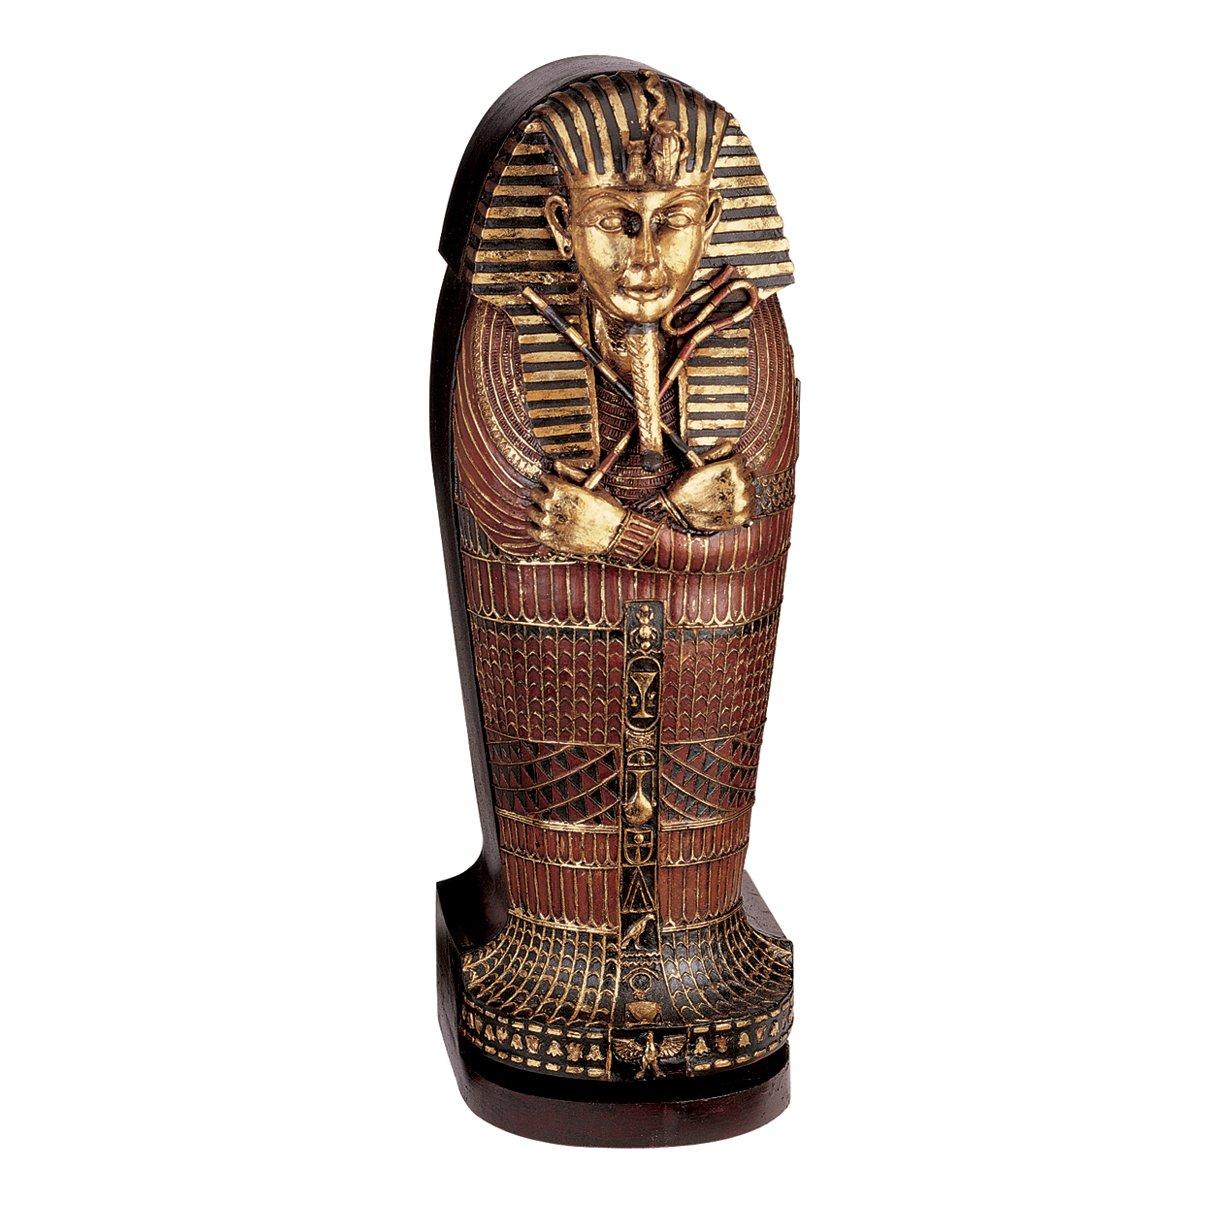 Design Toscano King Tutankhamen's Egyptian Mummy Sarcophagus Coffin DVD Storage Cabinet, 27 Inch, Gold Leaf by Design Toscano